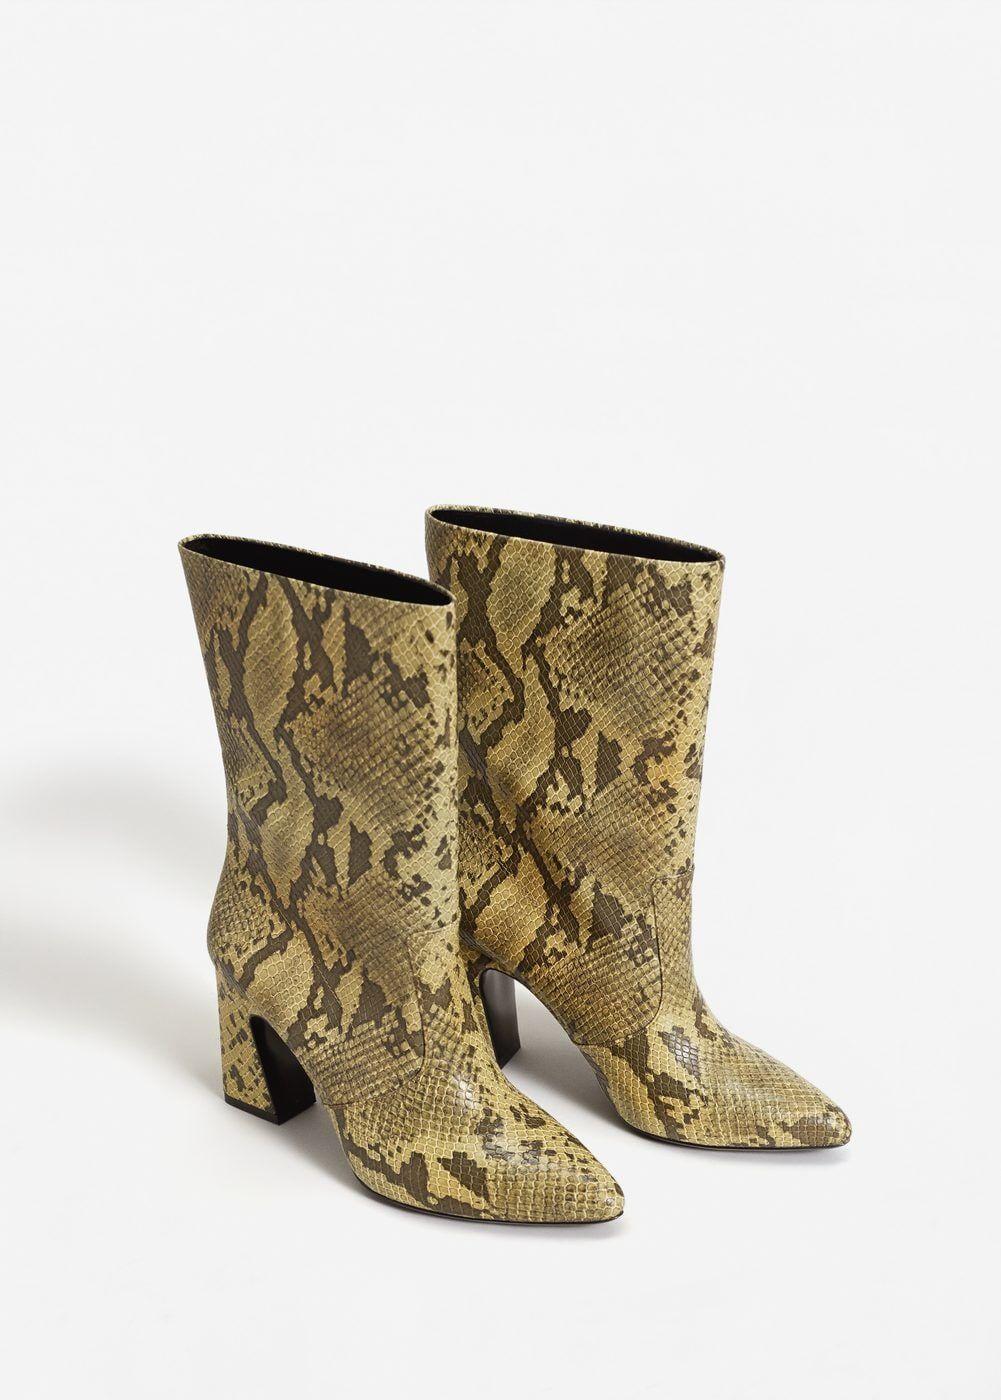 Shoes Femme Imitation Inspirations Bottes Pinterest Serpent pqT6Cxz